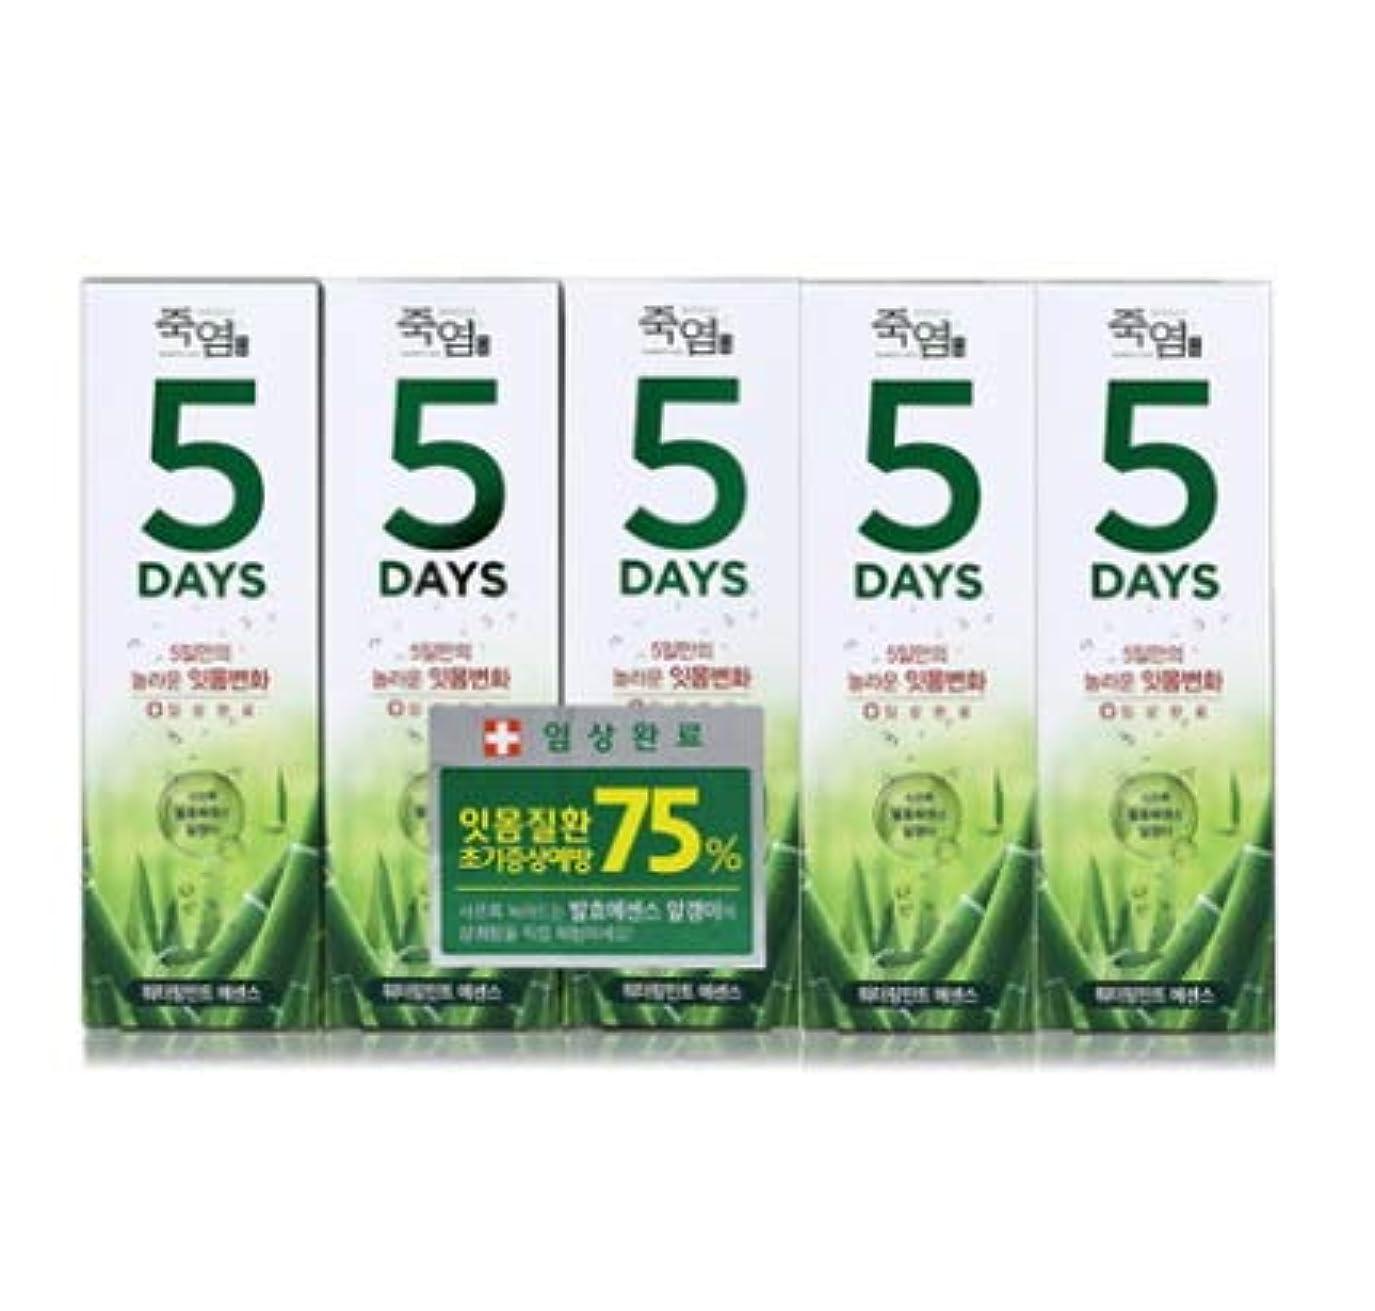 作物大使バドミントン[LG Care/LG生活健康]竹塩歯磨き粉5daysウォーターリングミント100g x5ea/歯磨きセットスペシャル?リミテッドToothpaste Set Special Limited Korea(海外直送品)